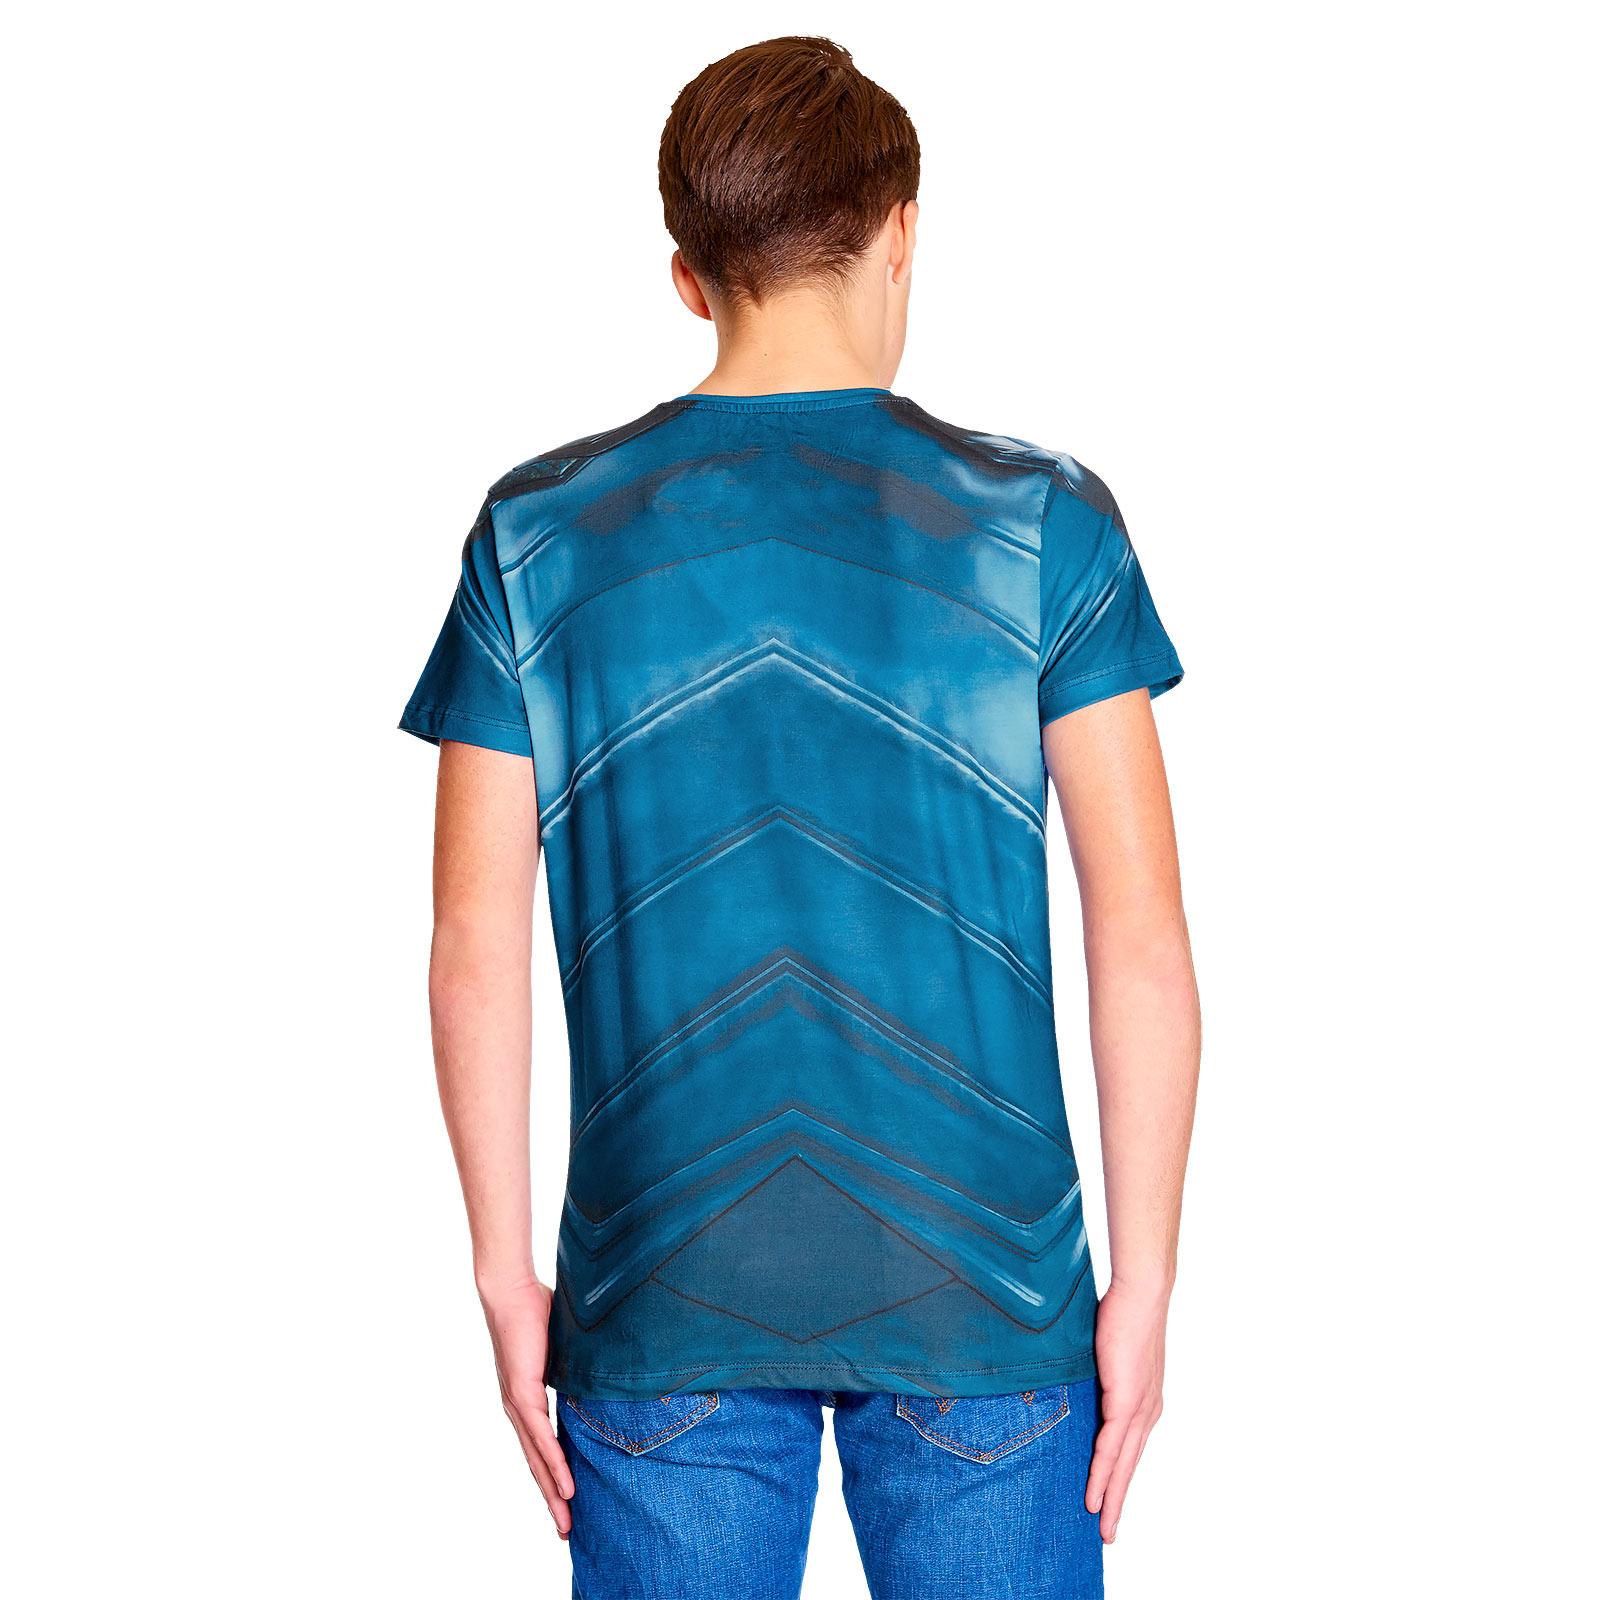 Thor - Loki Lookalike T-Shirt